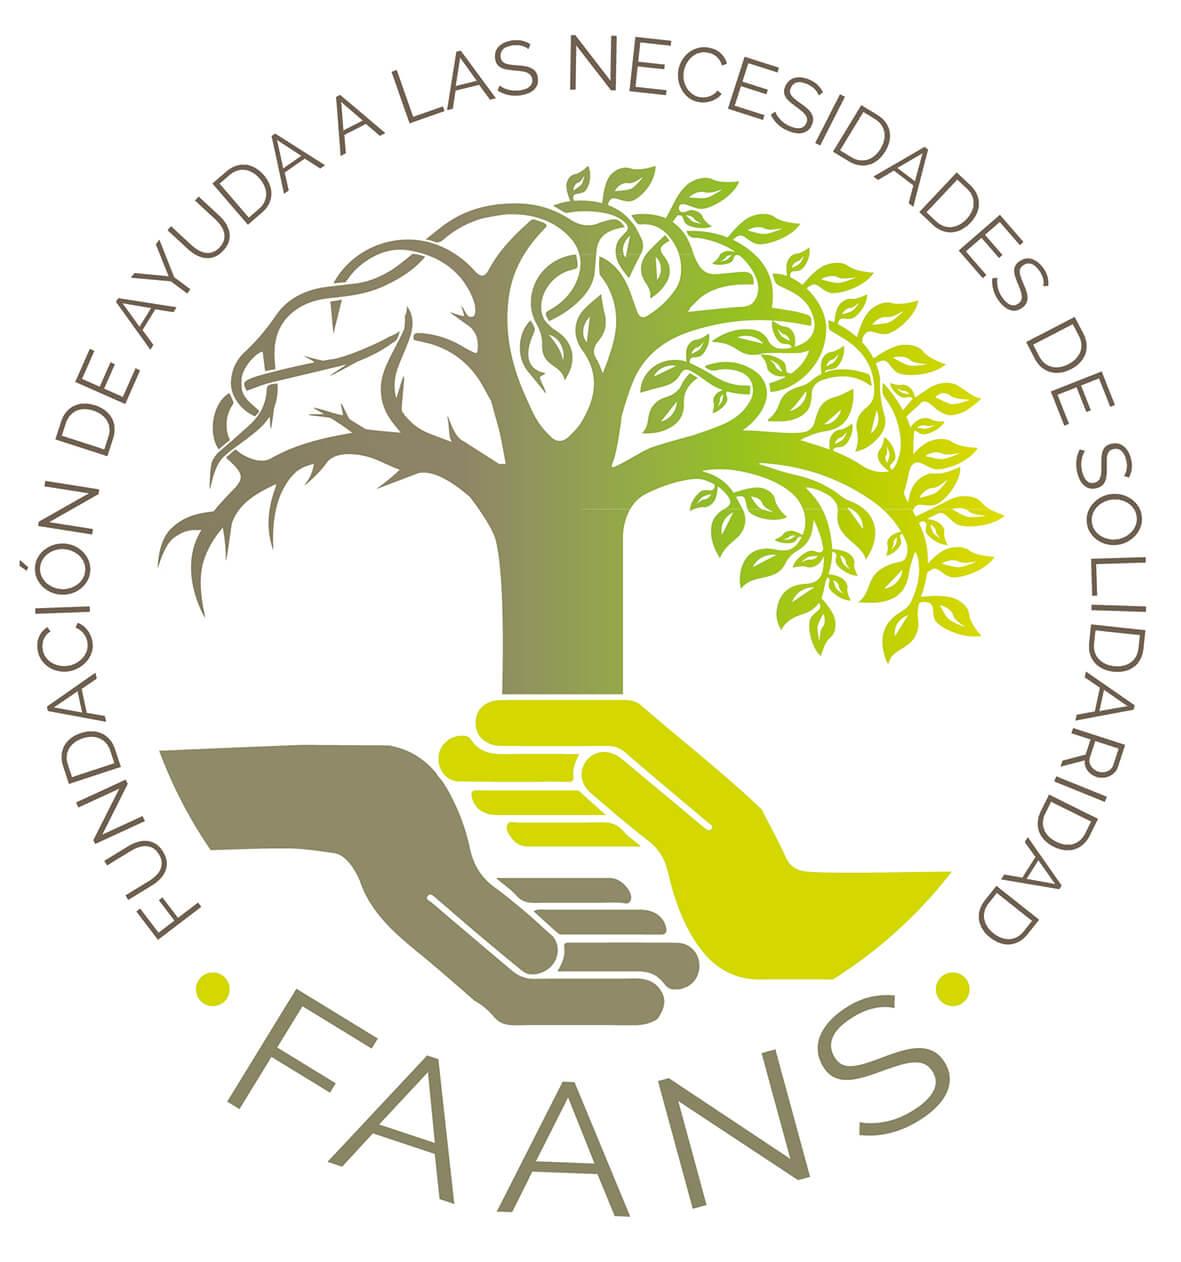 Fundación Faans